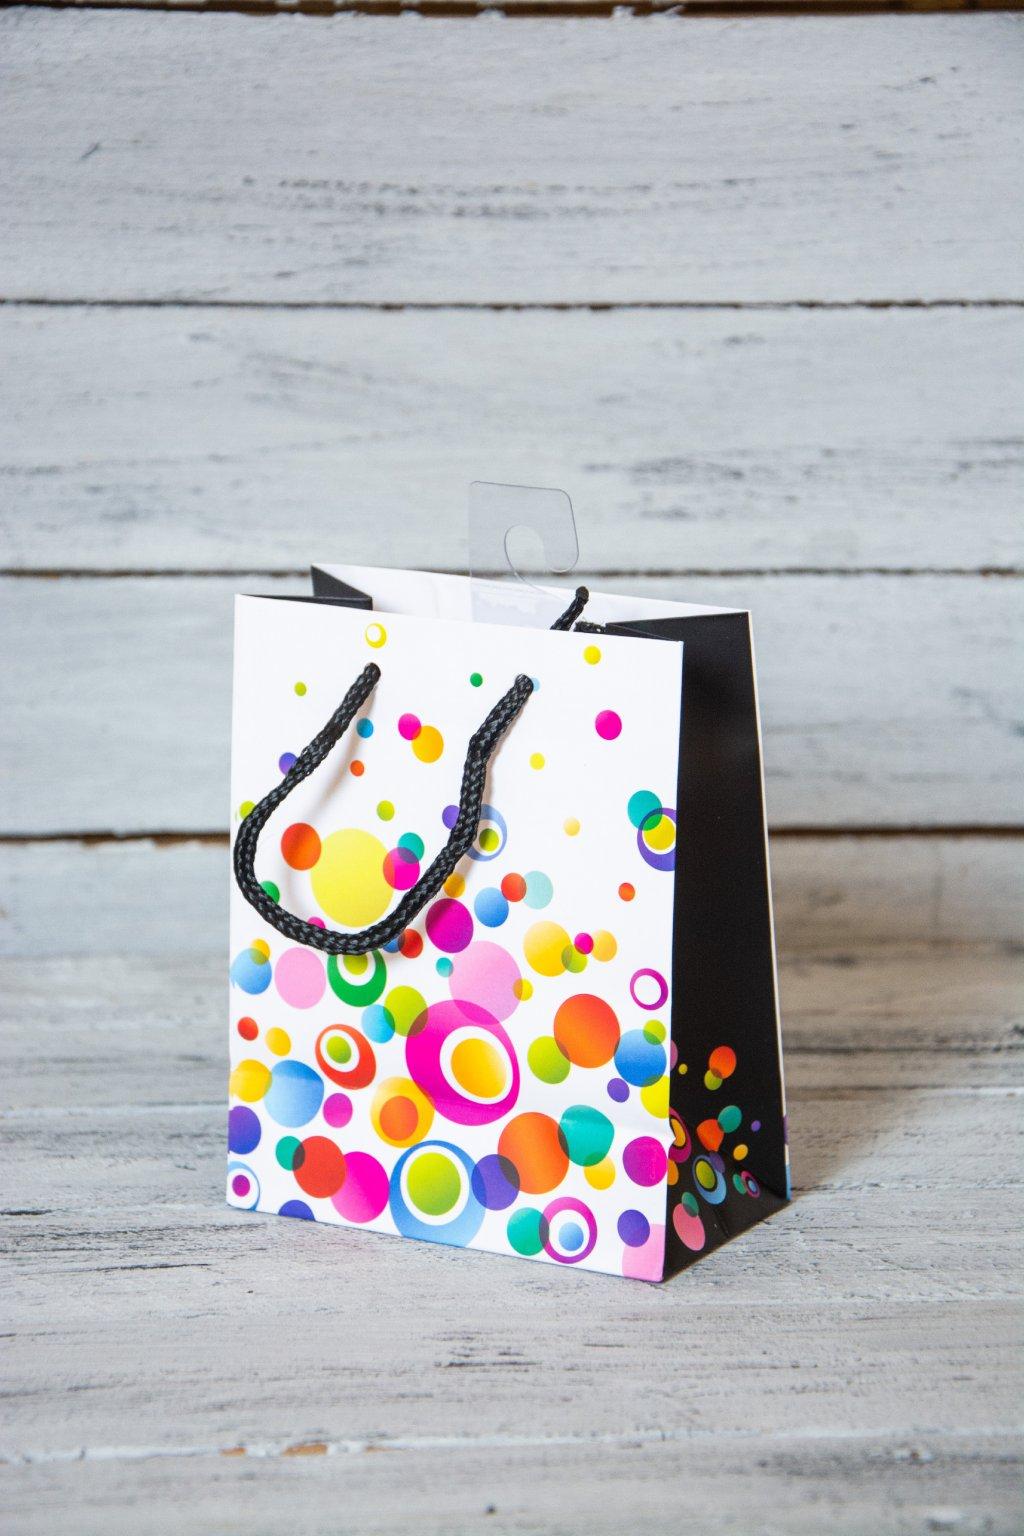 dárková taška Rozměr 11,4 x 6,4 x 14,6 mm